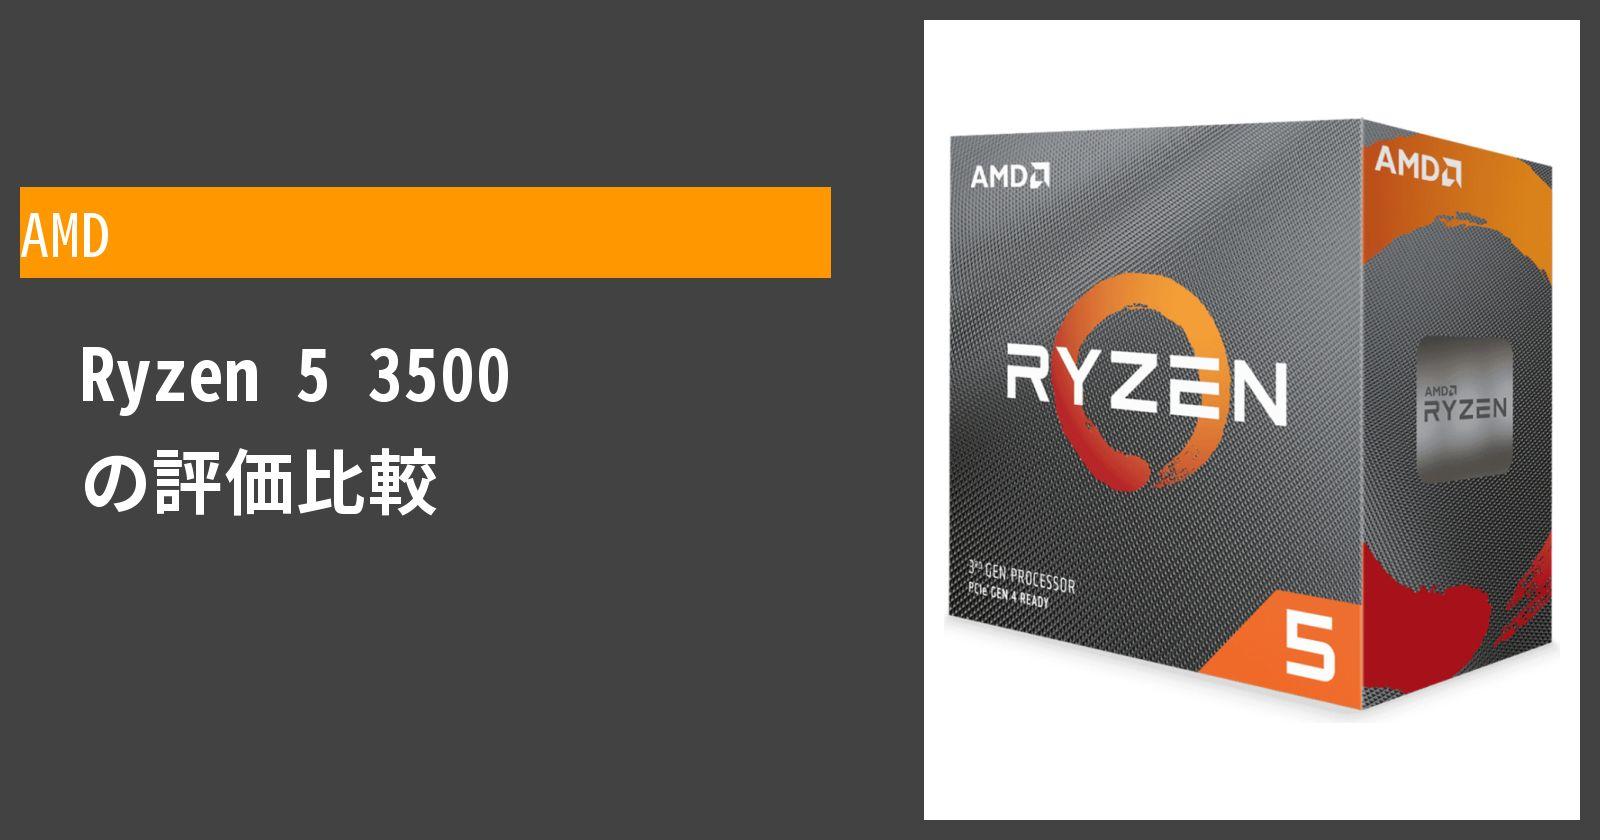 Ryzen 5 3500を徹底評価